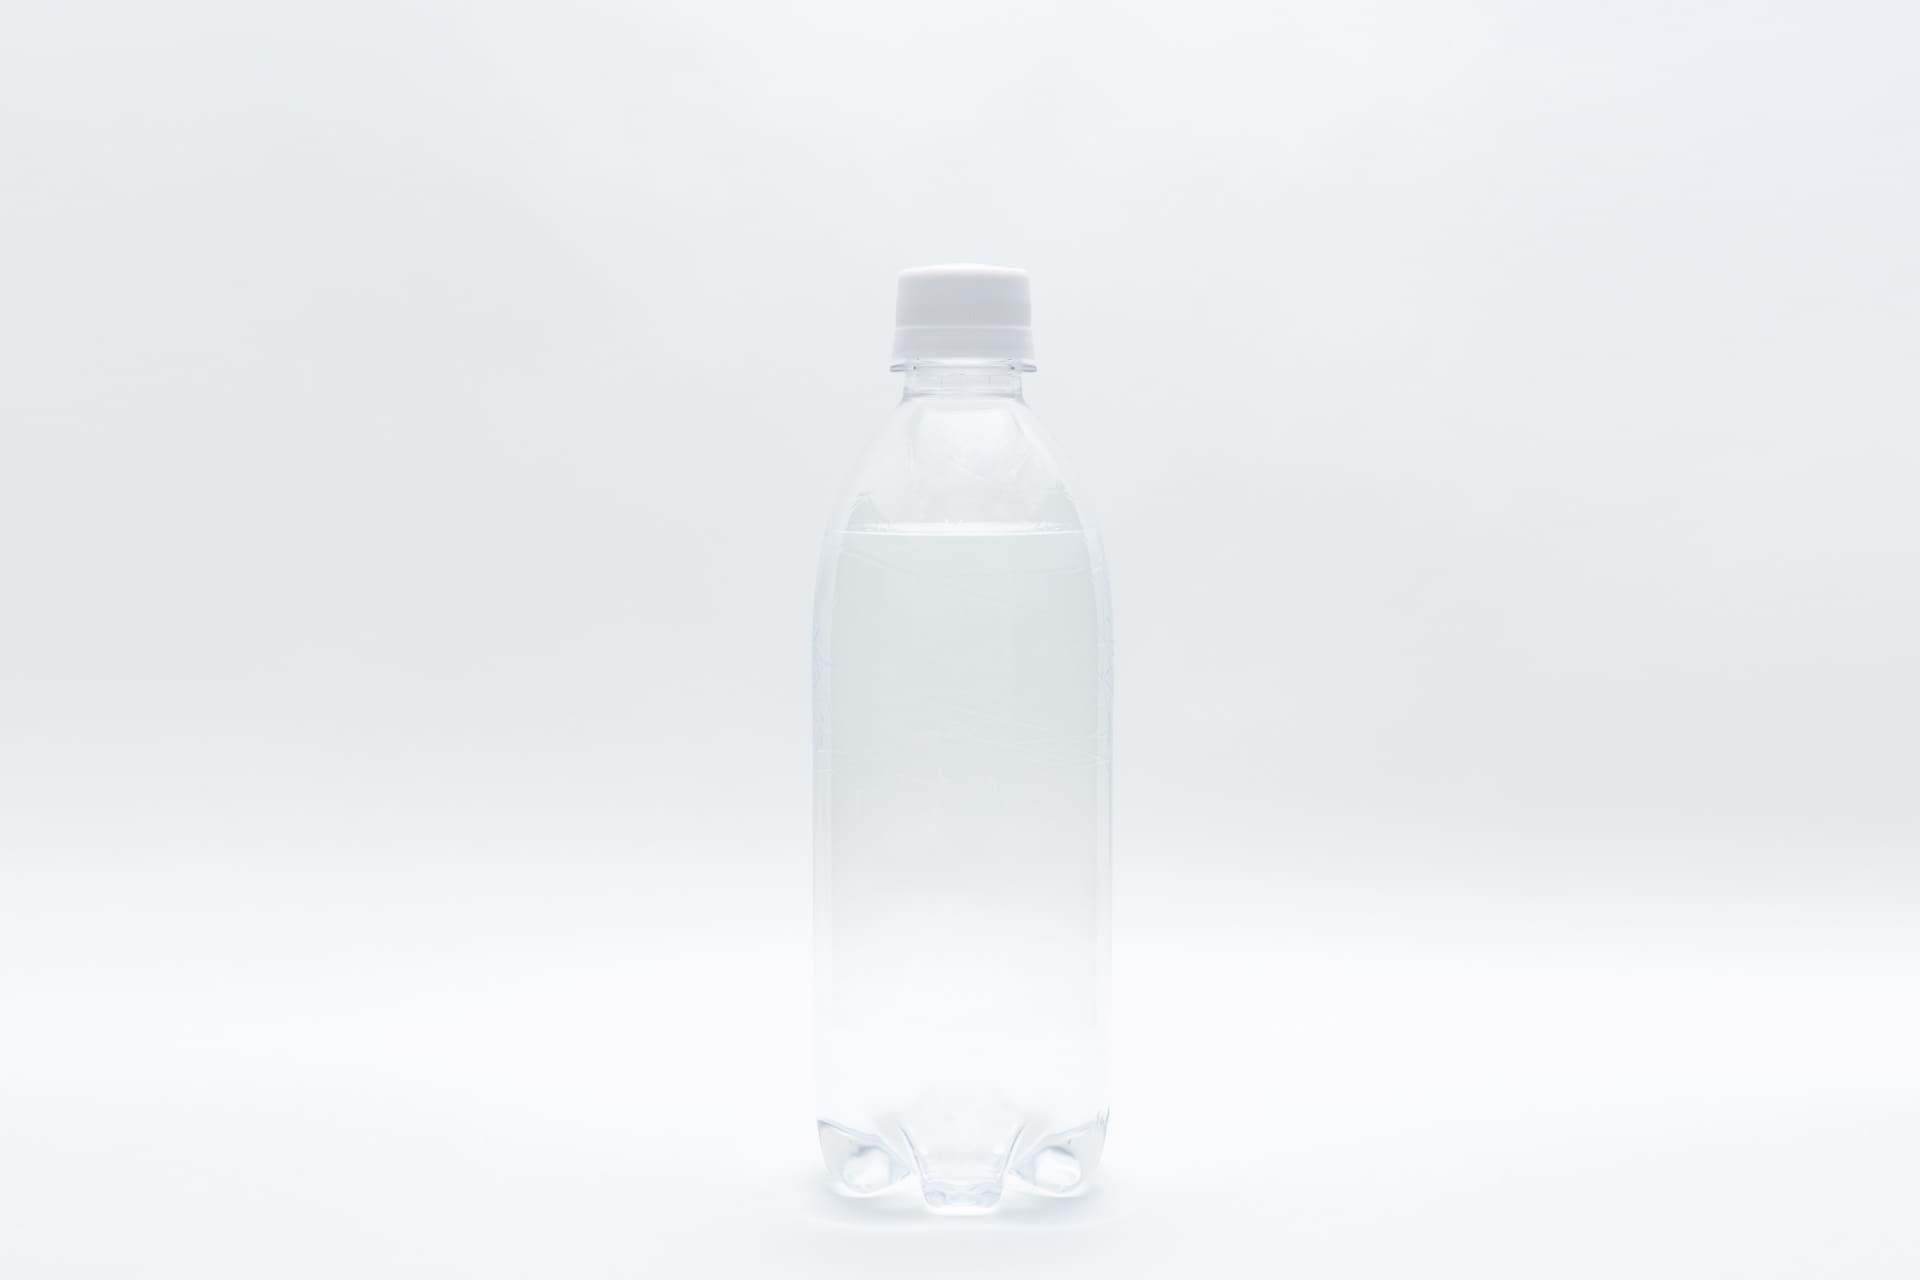 ペットボトルを出汁の保存容器に